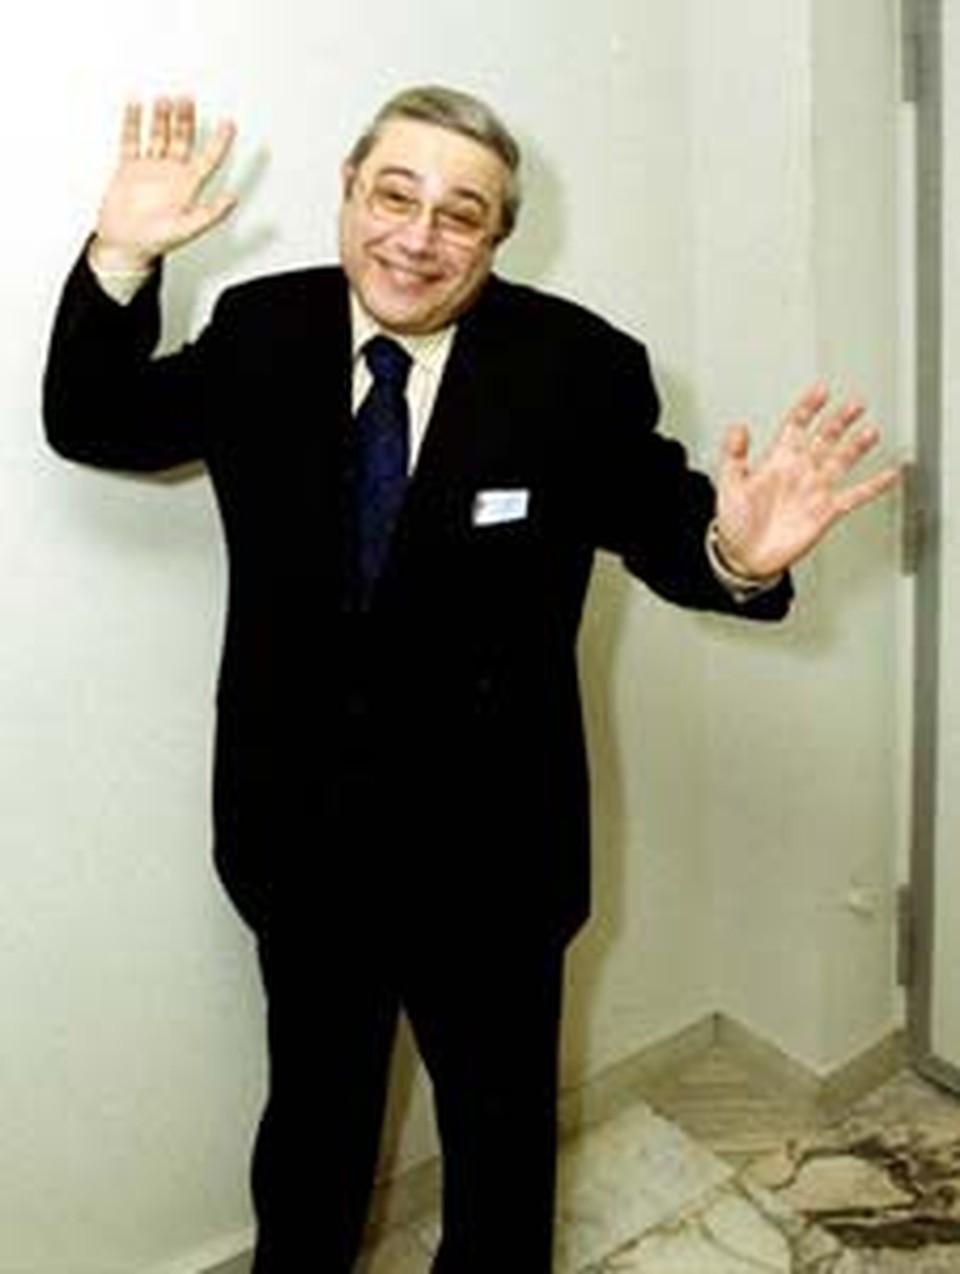 Евгений Петросян: - Какие шутки к моим рукам прилипли?